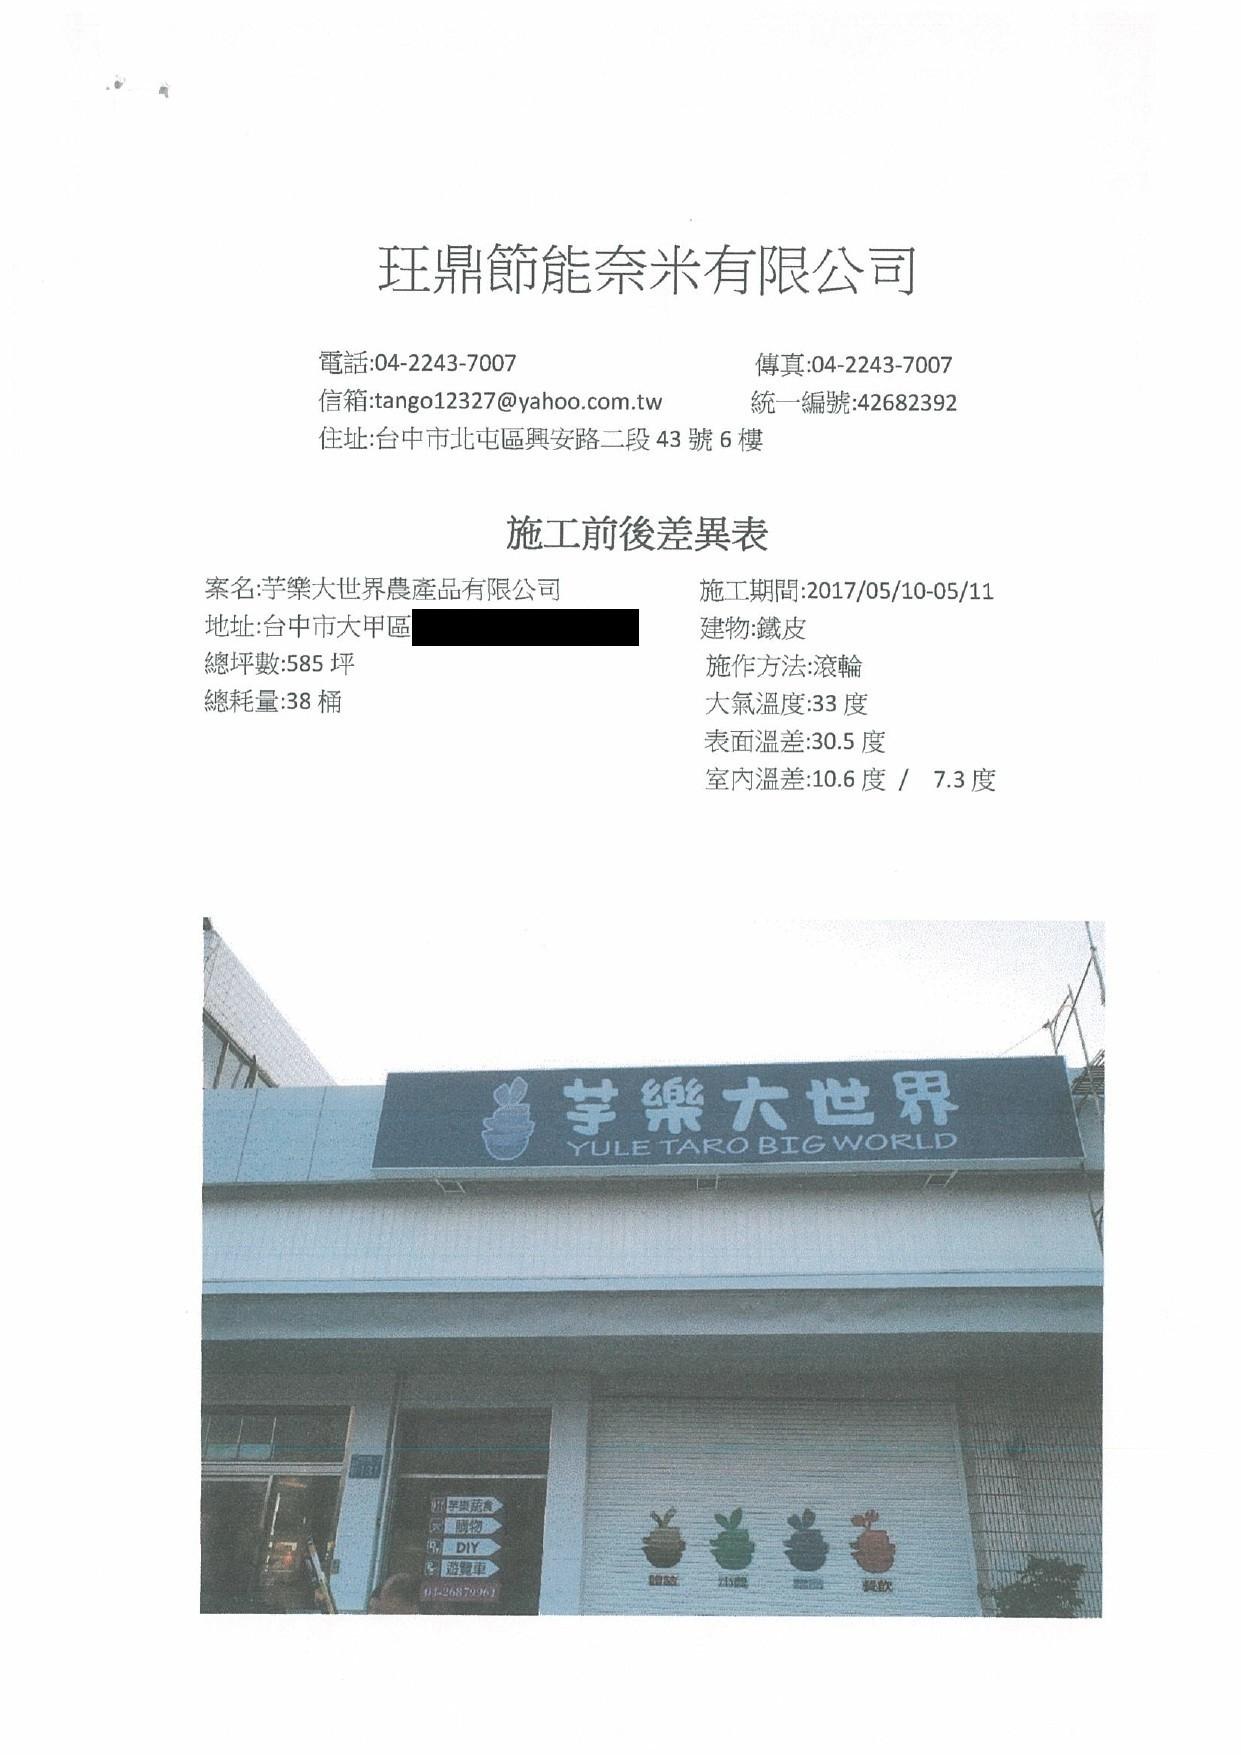 20170510台中芋樂世界(鐵)-1